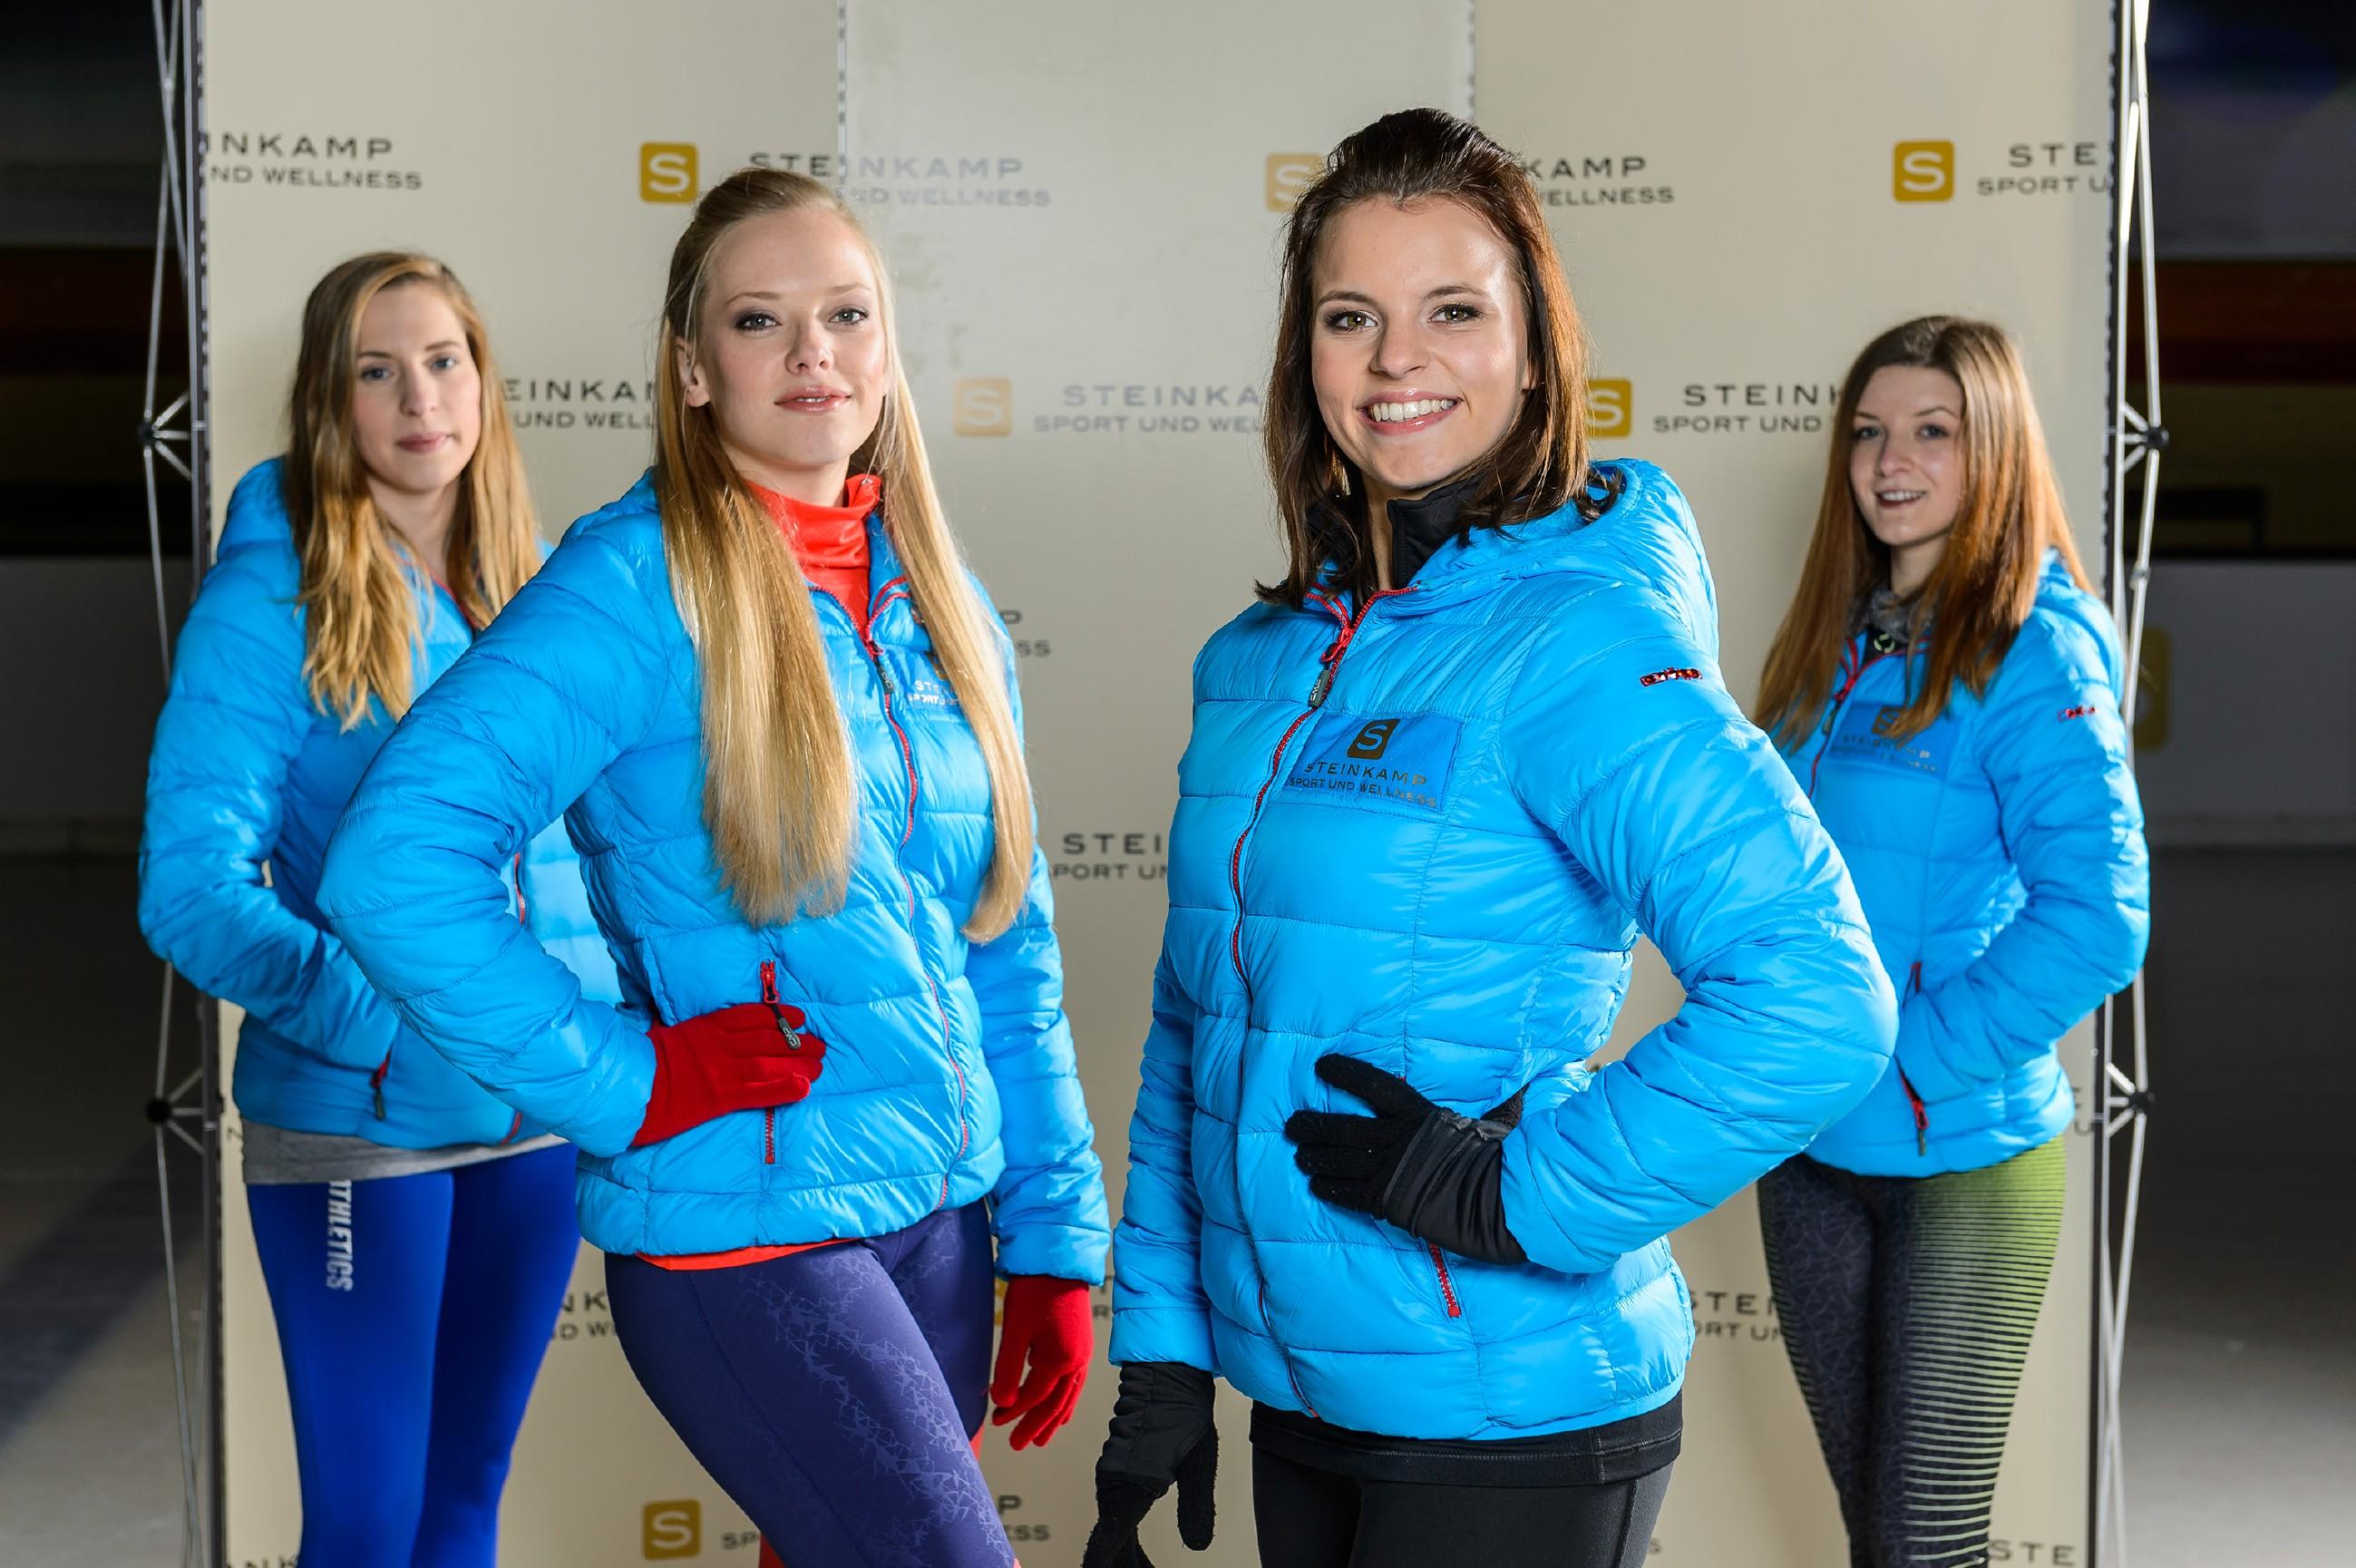 Bei einem Foto-Shooting mit Michelle (Franziska Benz, 2.v.r.) und zwei B-Kader-Läuferinnen (Komparsinnen) lässt sich Marie (Judith Neumann, 2.v.l.) nicht noch einmal von Michelle provozieren. (Quelle: RTL / Willi Weber)